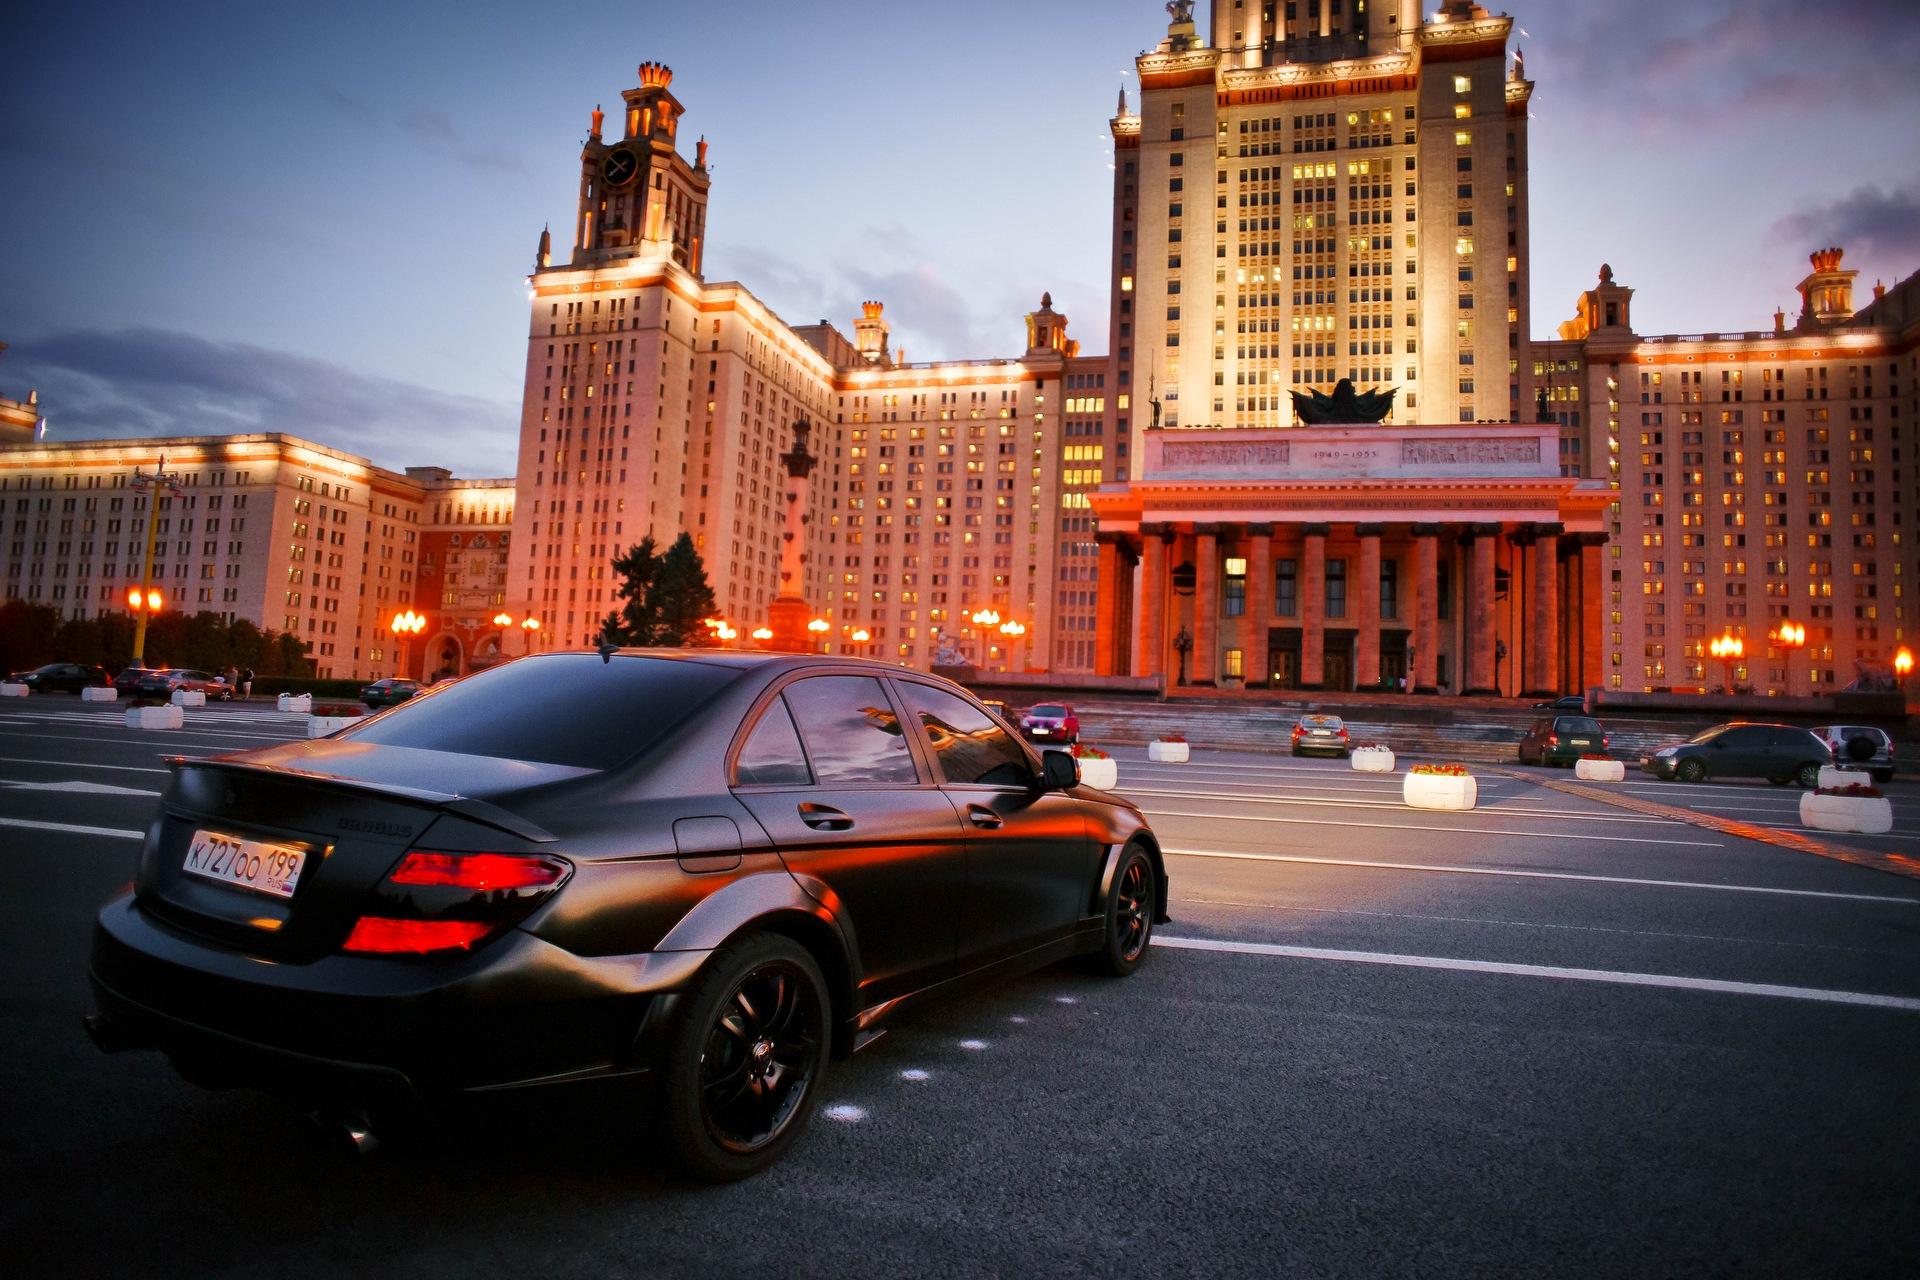 картинки авто шевроле у кремля сегодня пожелаем